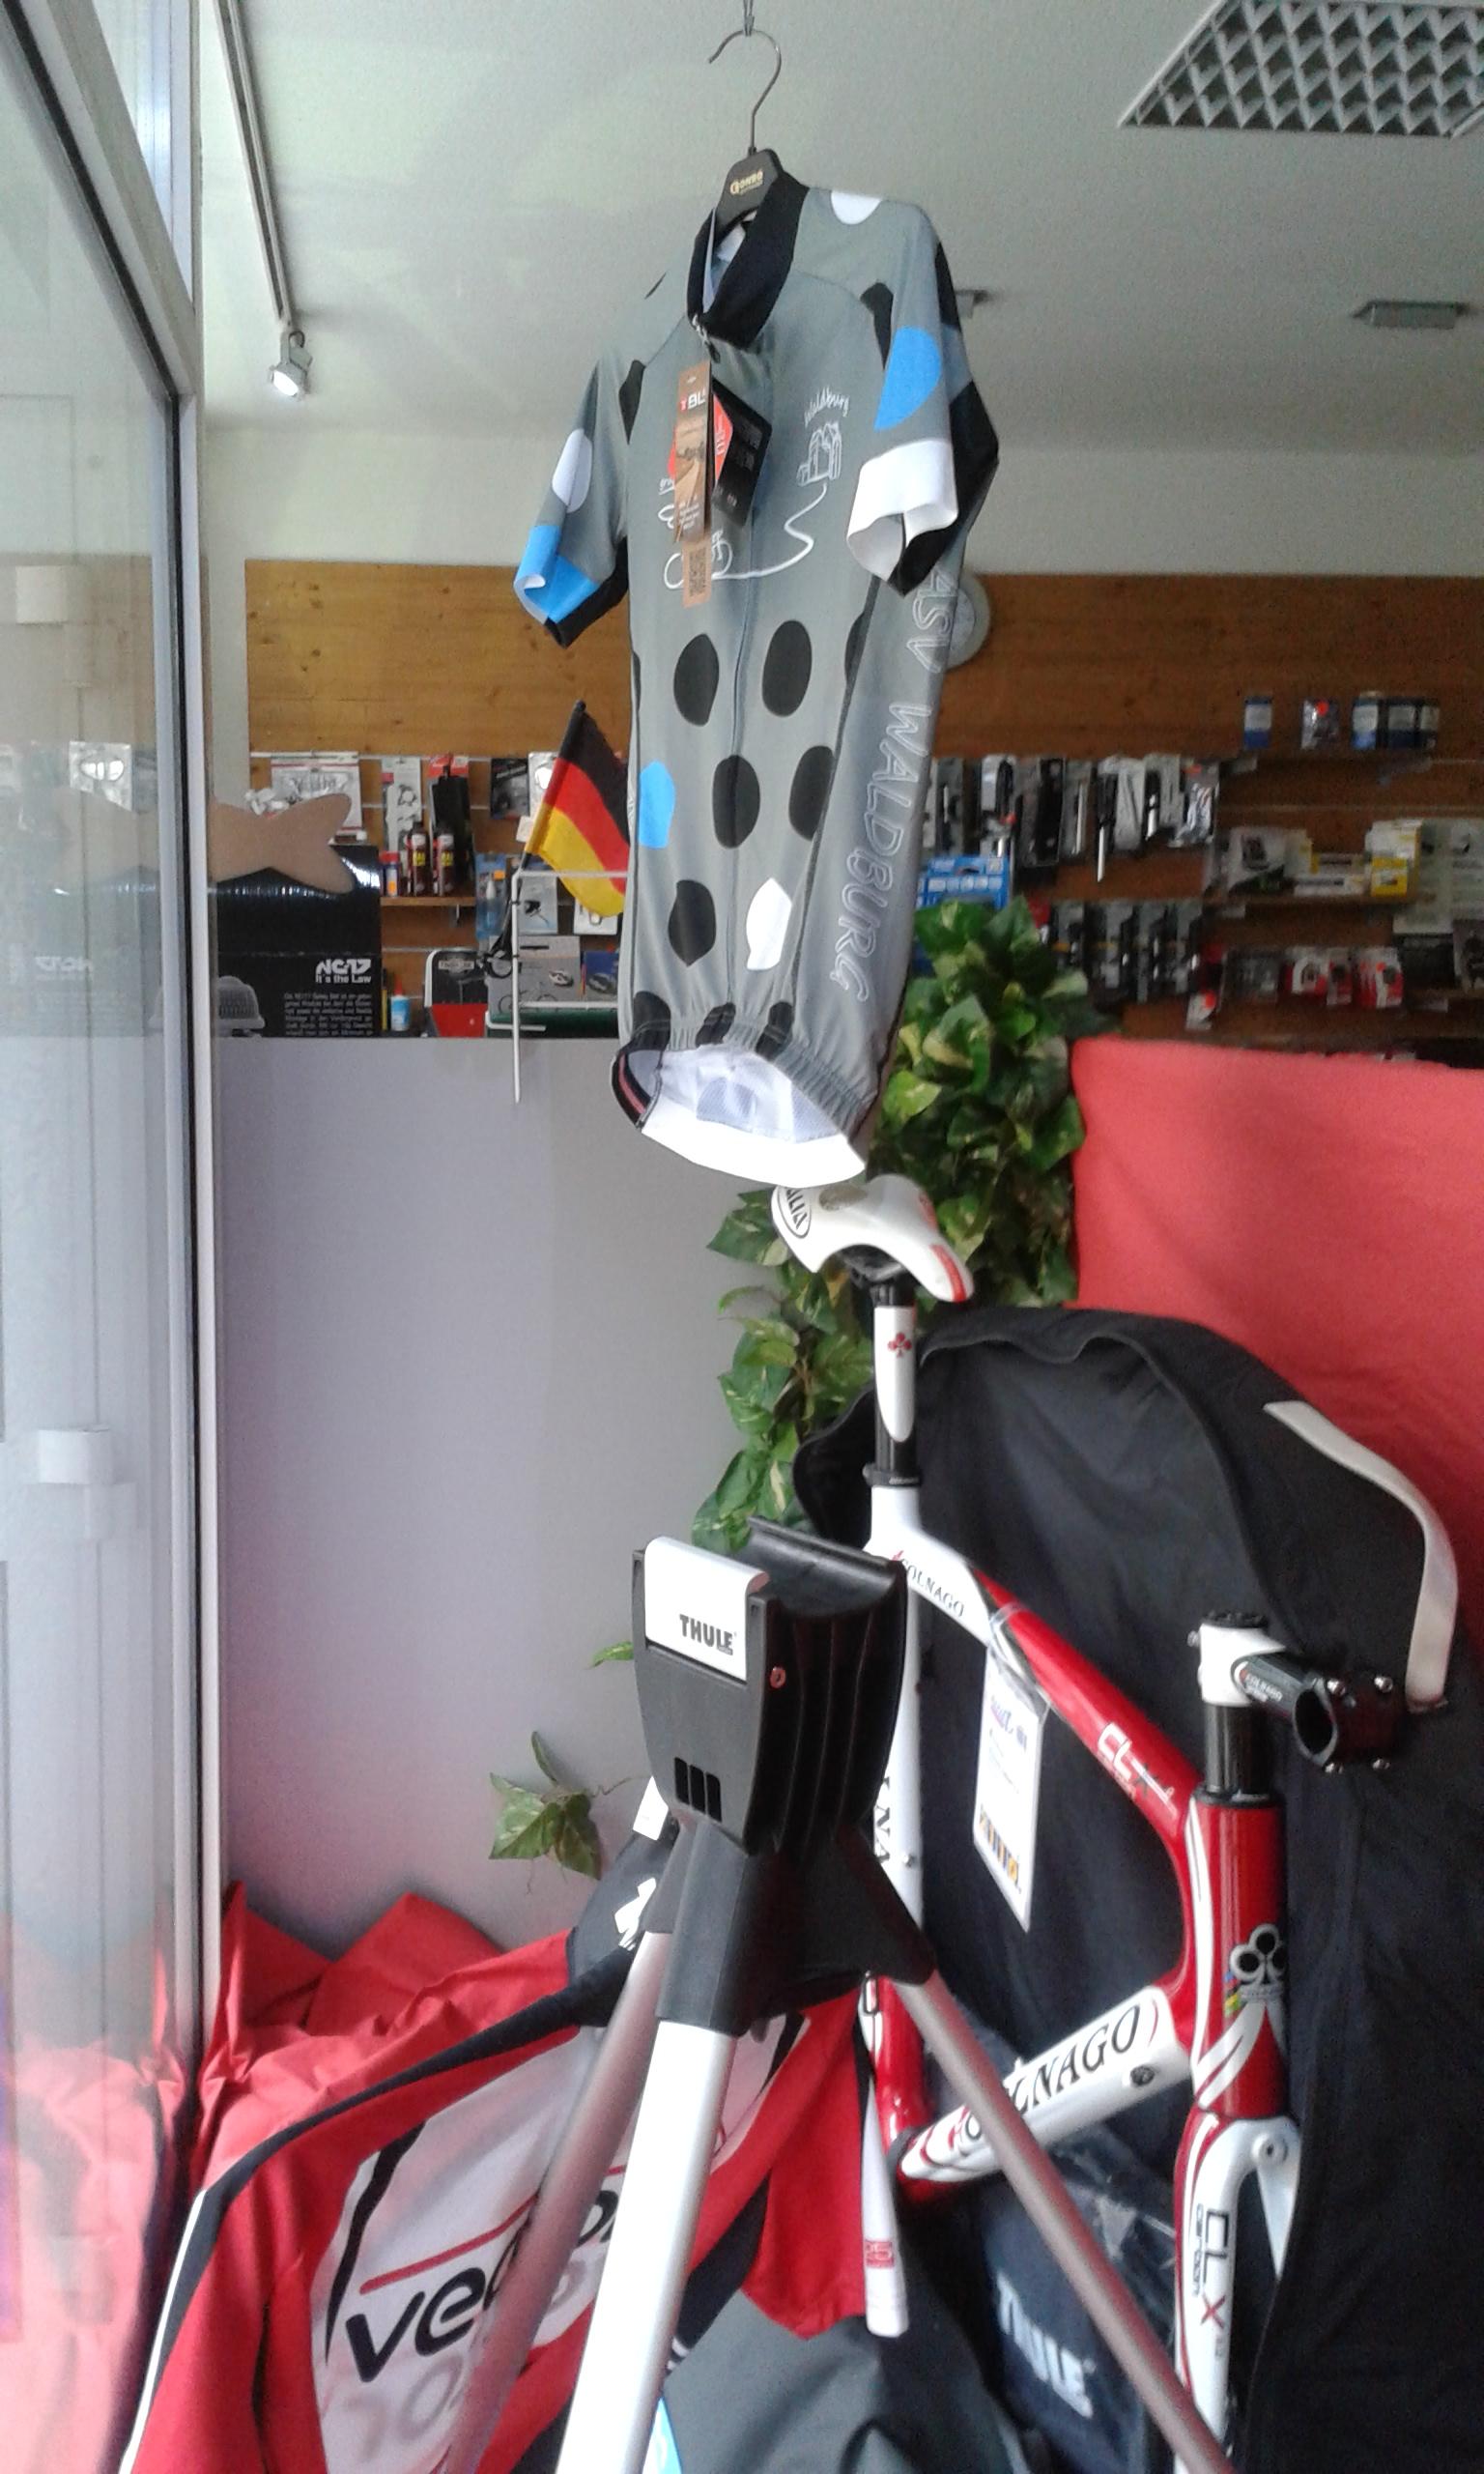 radtrikots selbst gestalten in mannheim willi altig sprintec sports. Black Bedroom Furniture Sets. Home Design Ideas